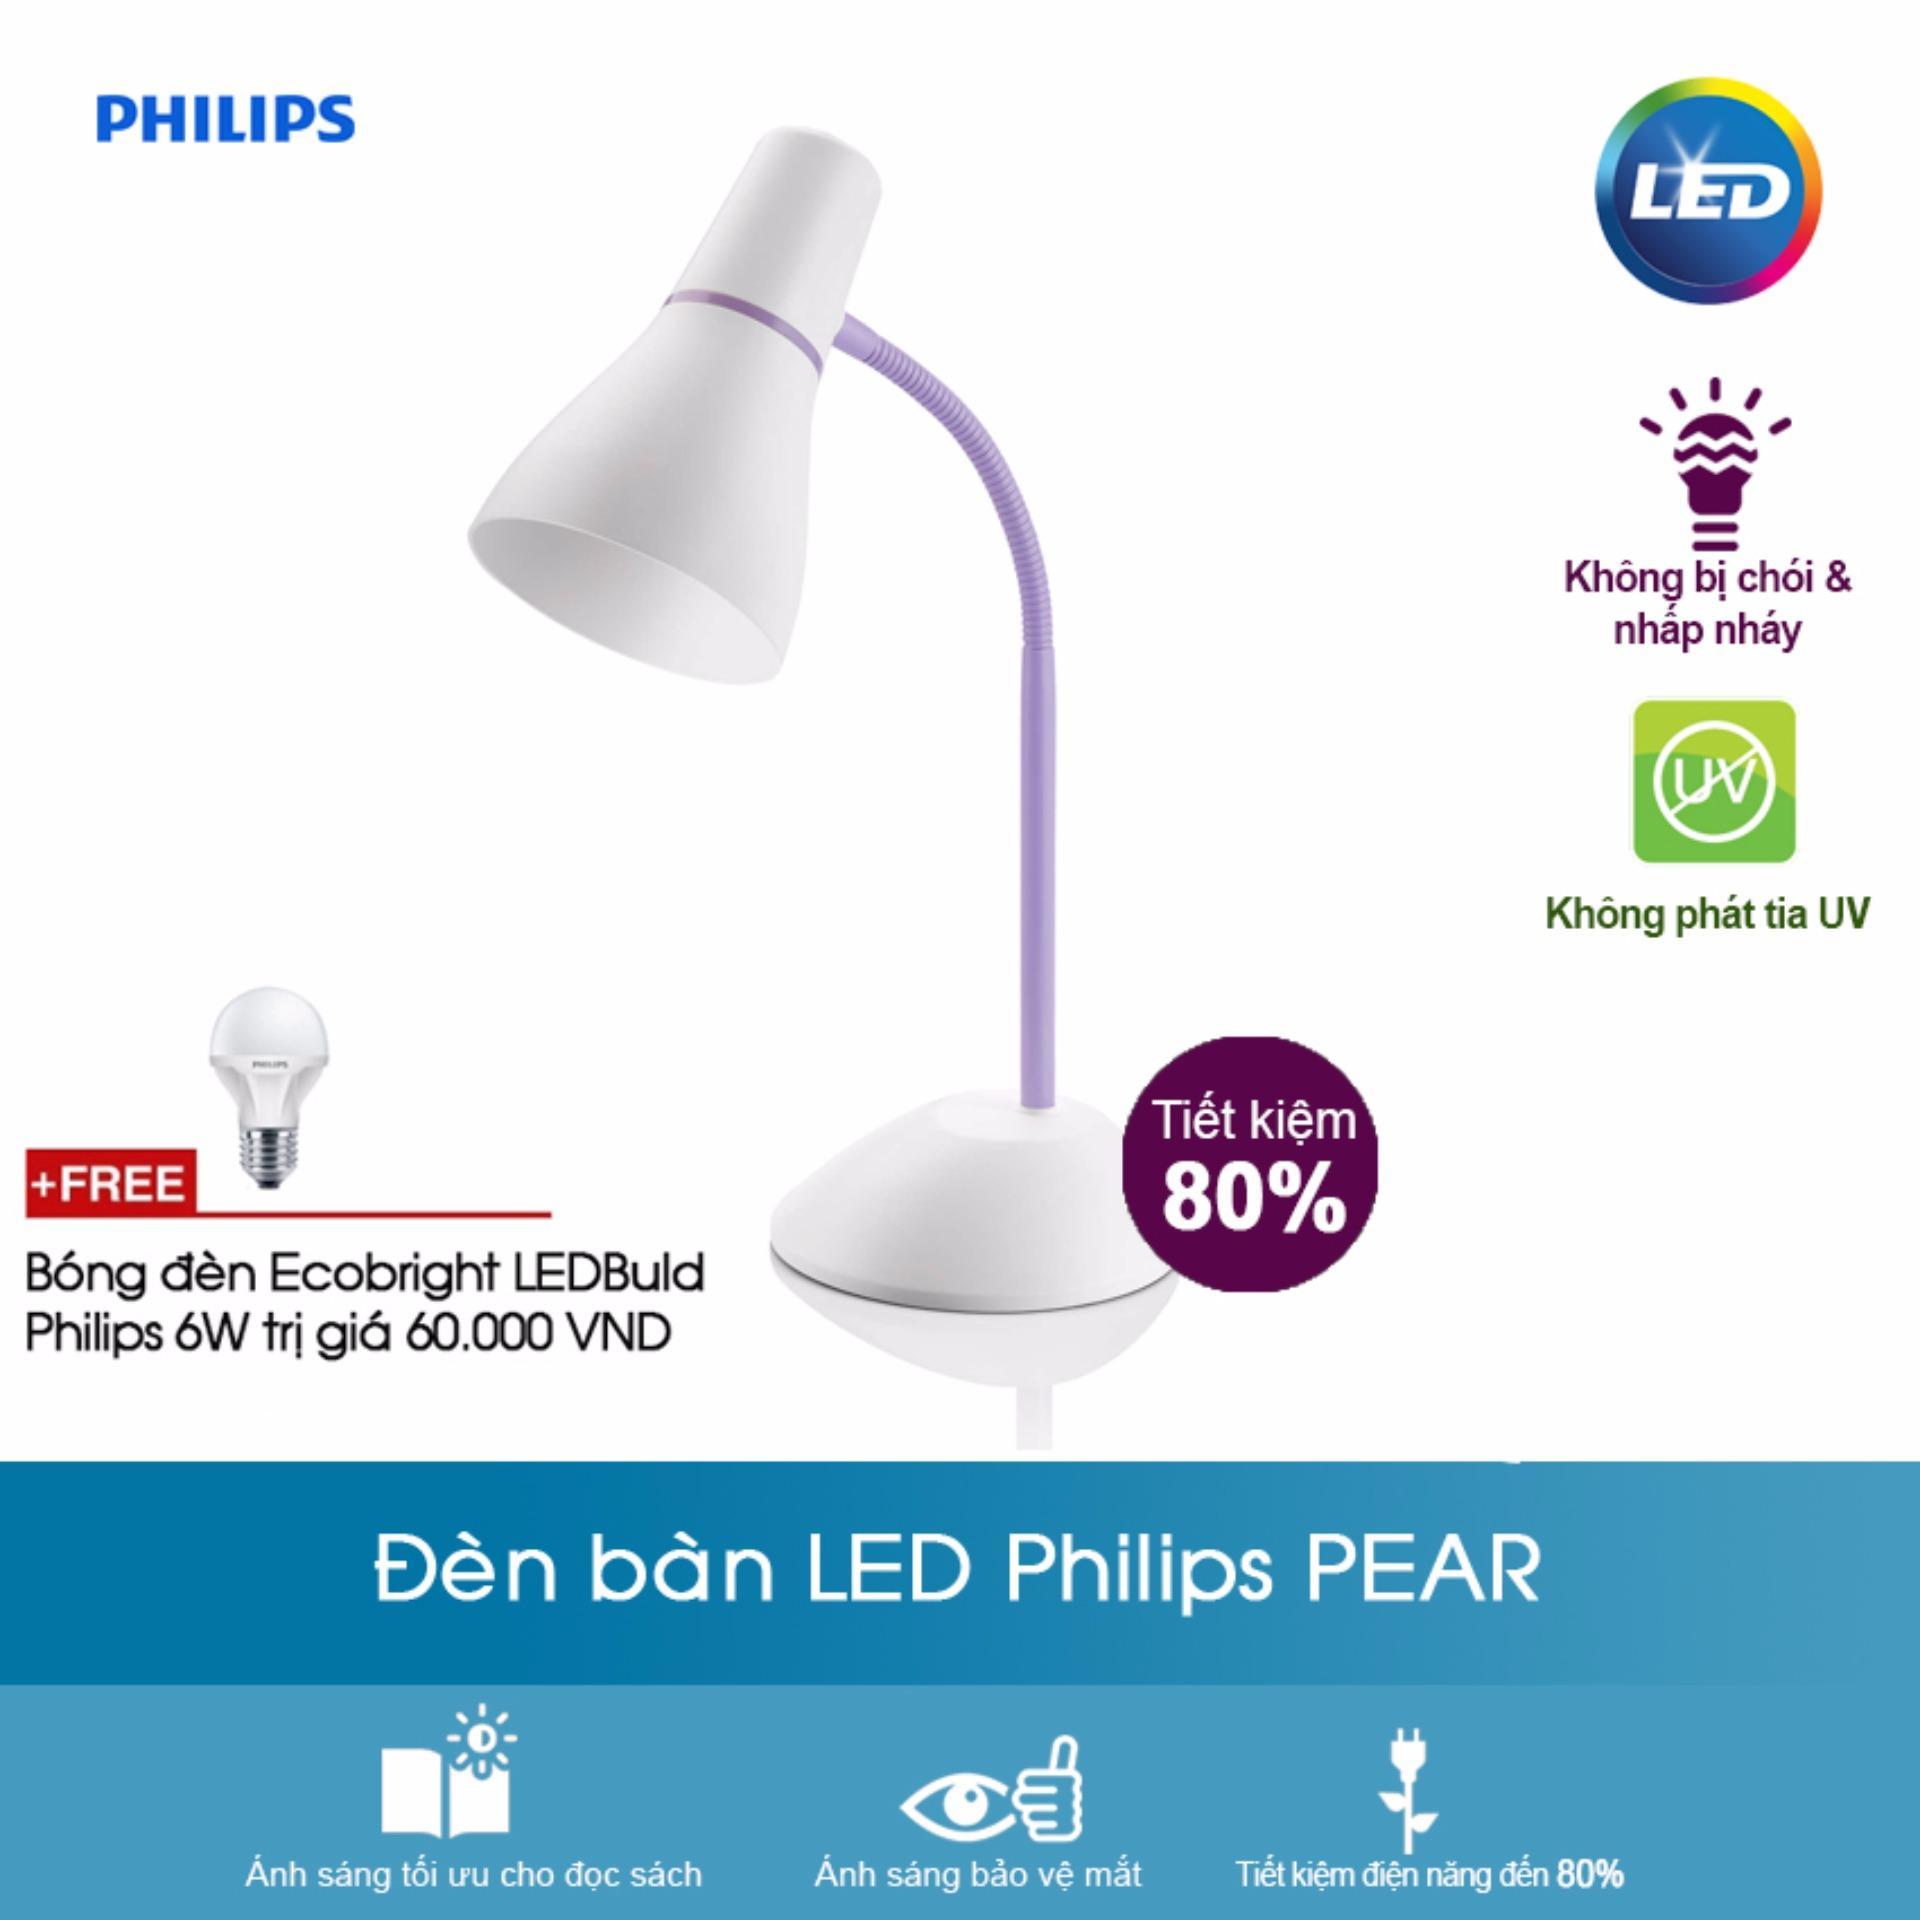 Đèn bàn Philips PEAR (Tím) + Tặng bóng đèn Ecobright ledbulb Philips 6W